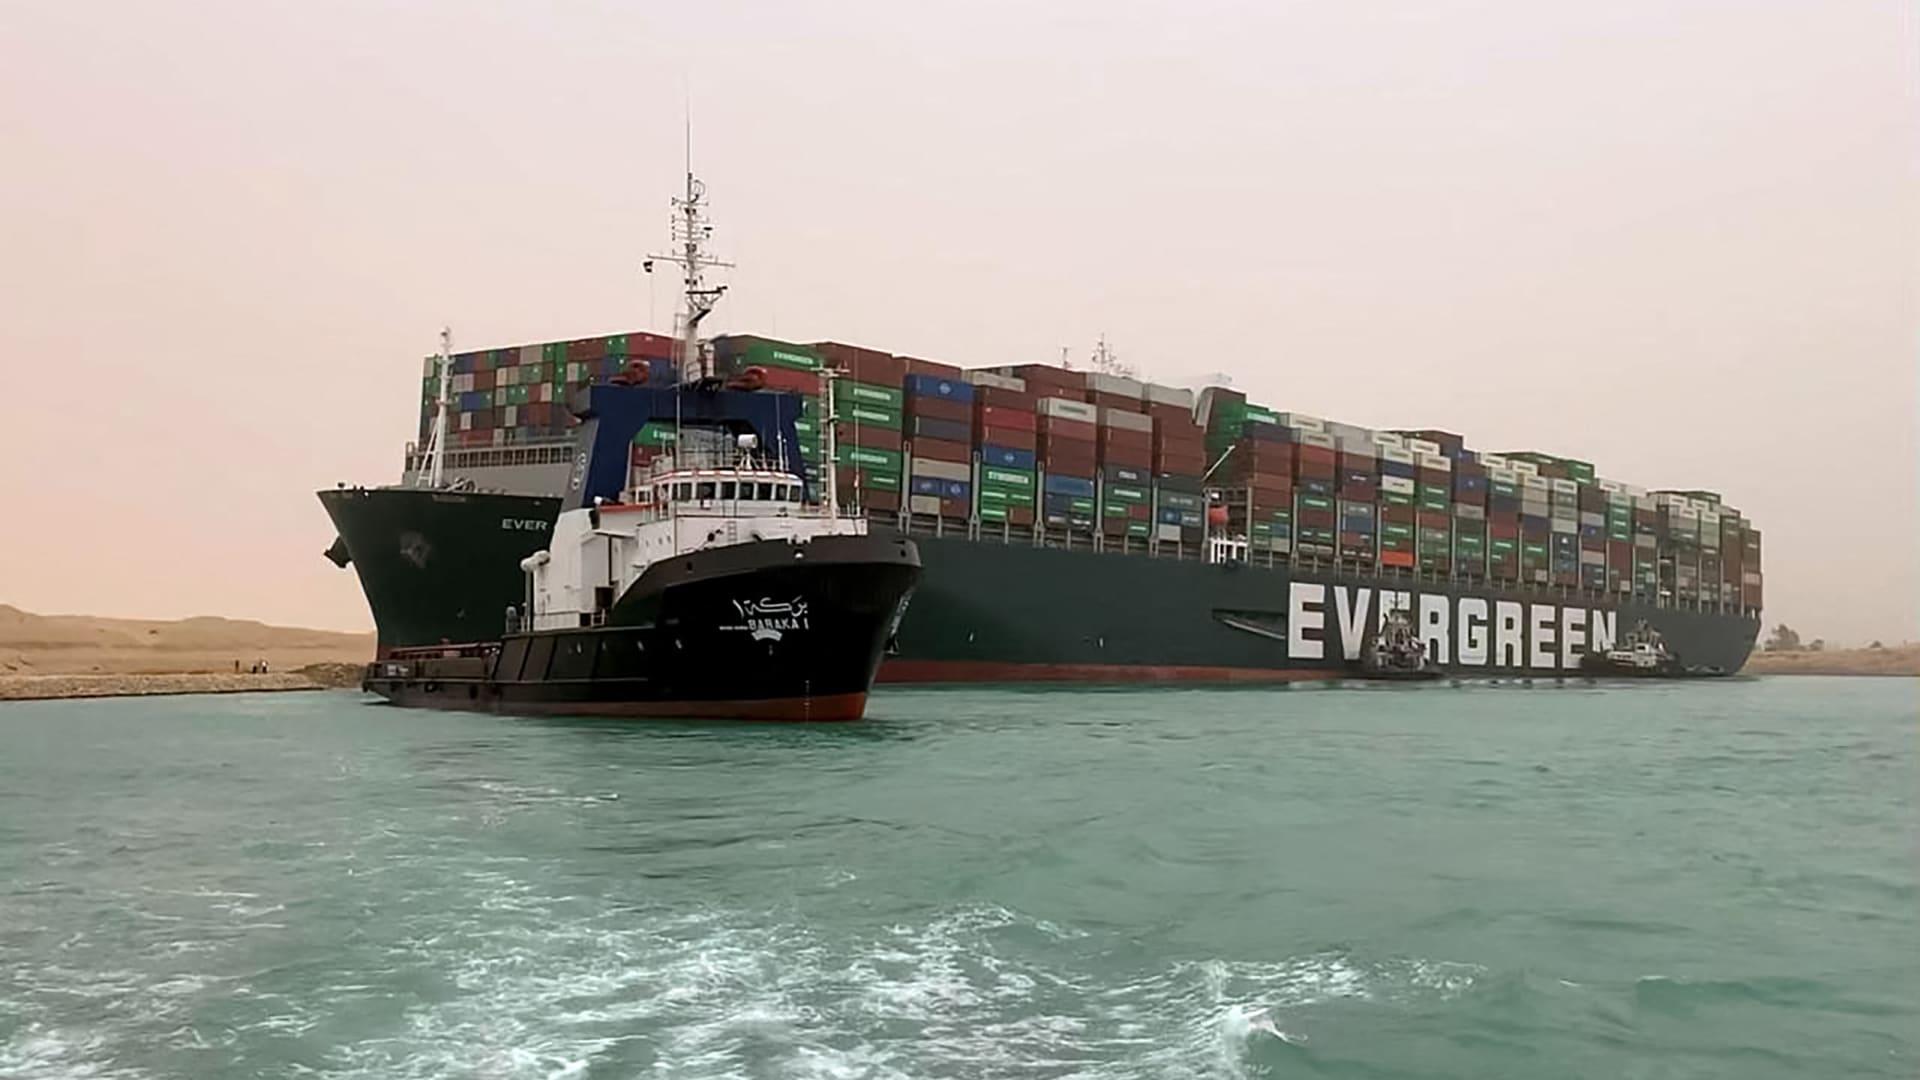 """الشركة المشغلة لـ""""إيفرغيفن"""" بعد حجزها في مصر: نسعى إلى حل سريع"""